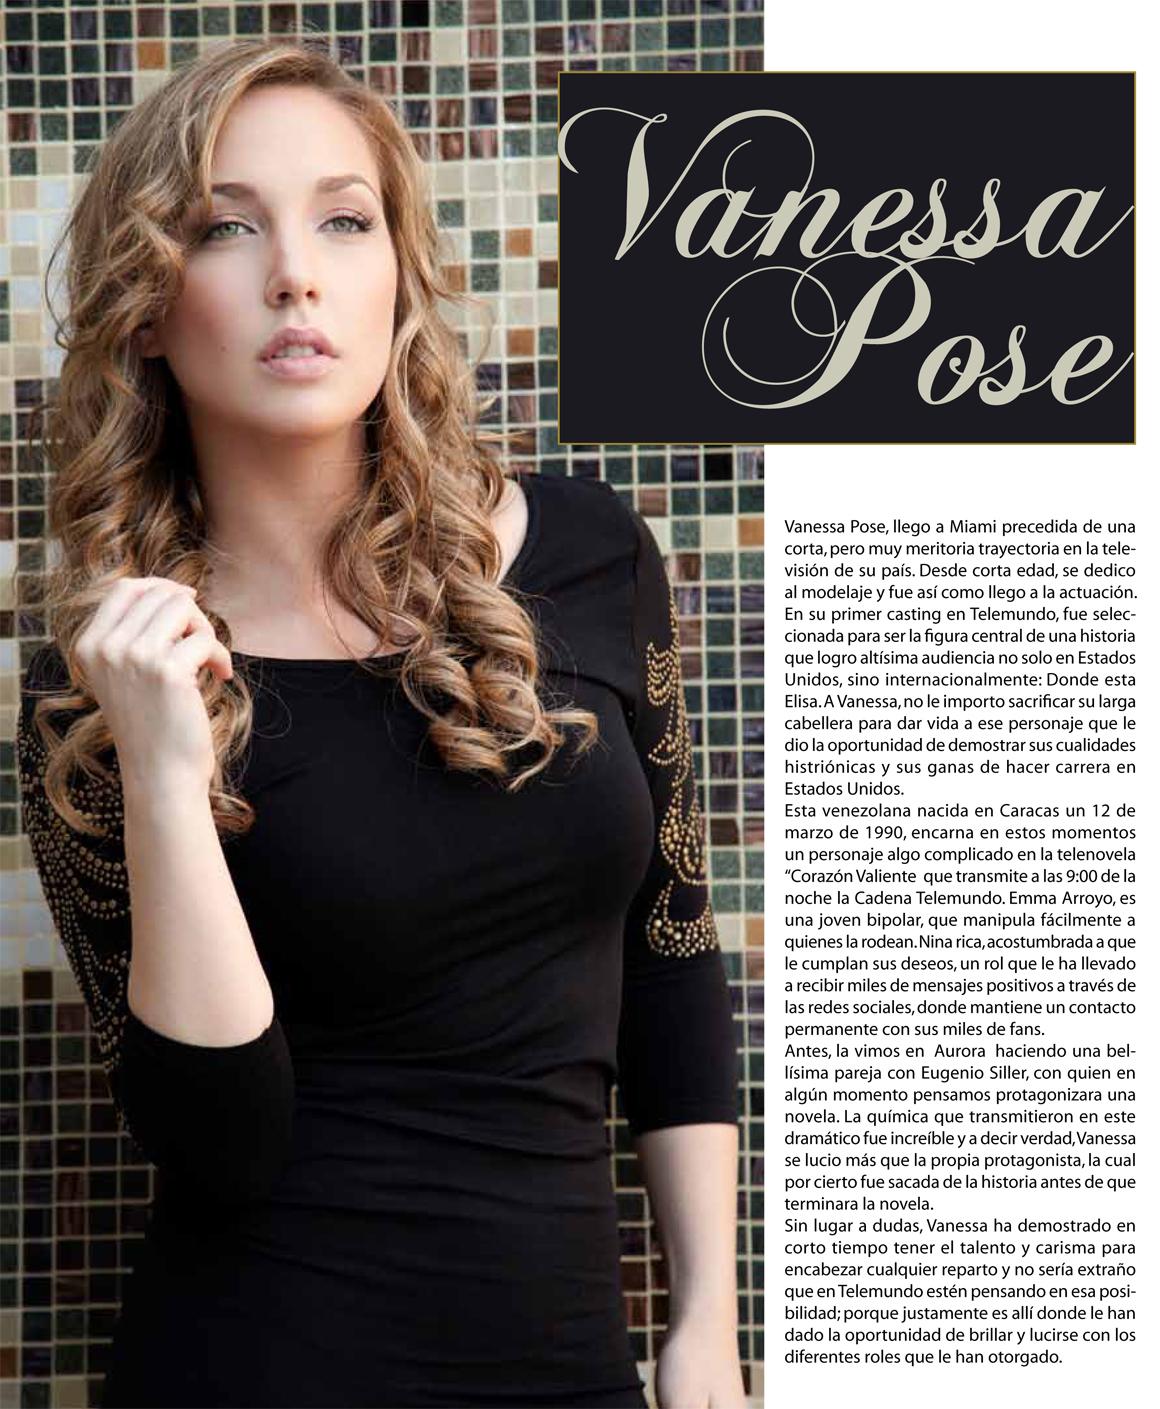 Vanessa Pose Vanessa p...